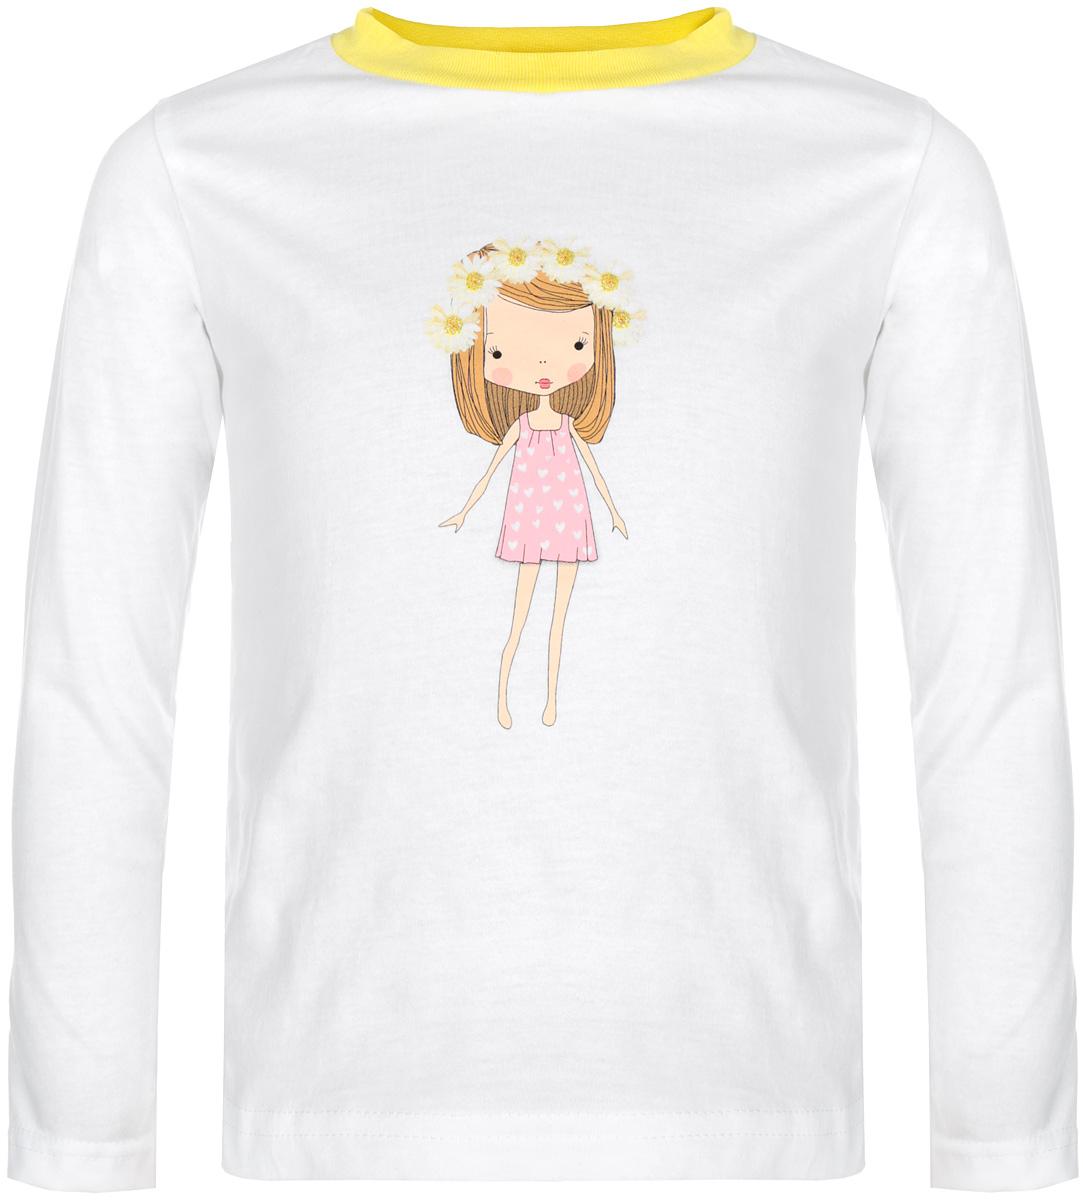 15562Стильная футболка с длинным рукавом для девочки КотМарКот идеально подойдет вашей моднице. Изготовленная из натурального хлопка, она мягкая и приятная на ощупь, не сковывает движения и позволяет коже дышать, не раздражает даже самую нежную и чувствительную кожу ребенка, обеспечивая наибольший комфорт. Футболка прямого кроя с длинными рукавами и круглым вырезом горловины оформлена изображением очаровательной девочки с венком на голове, украшена блестками. Вырез горловины дополнен трикотажной эластичной резинкой. Современный дизайн и модная расцветка делают эту футболку стильным предметом детского гардероба. В ней ваша принцесса будет чувствовать себя уютно и комфортно, и всегда будет в центре внимания!